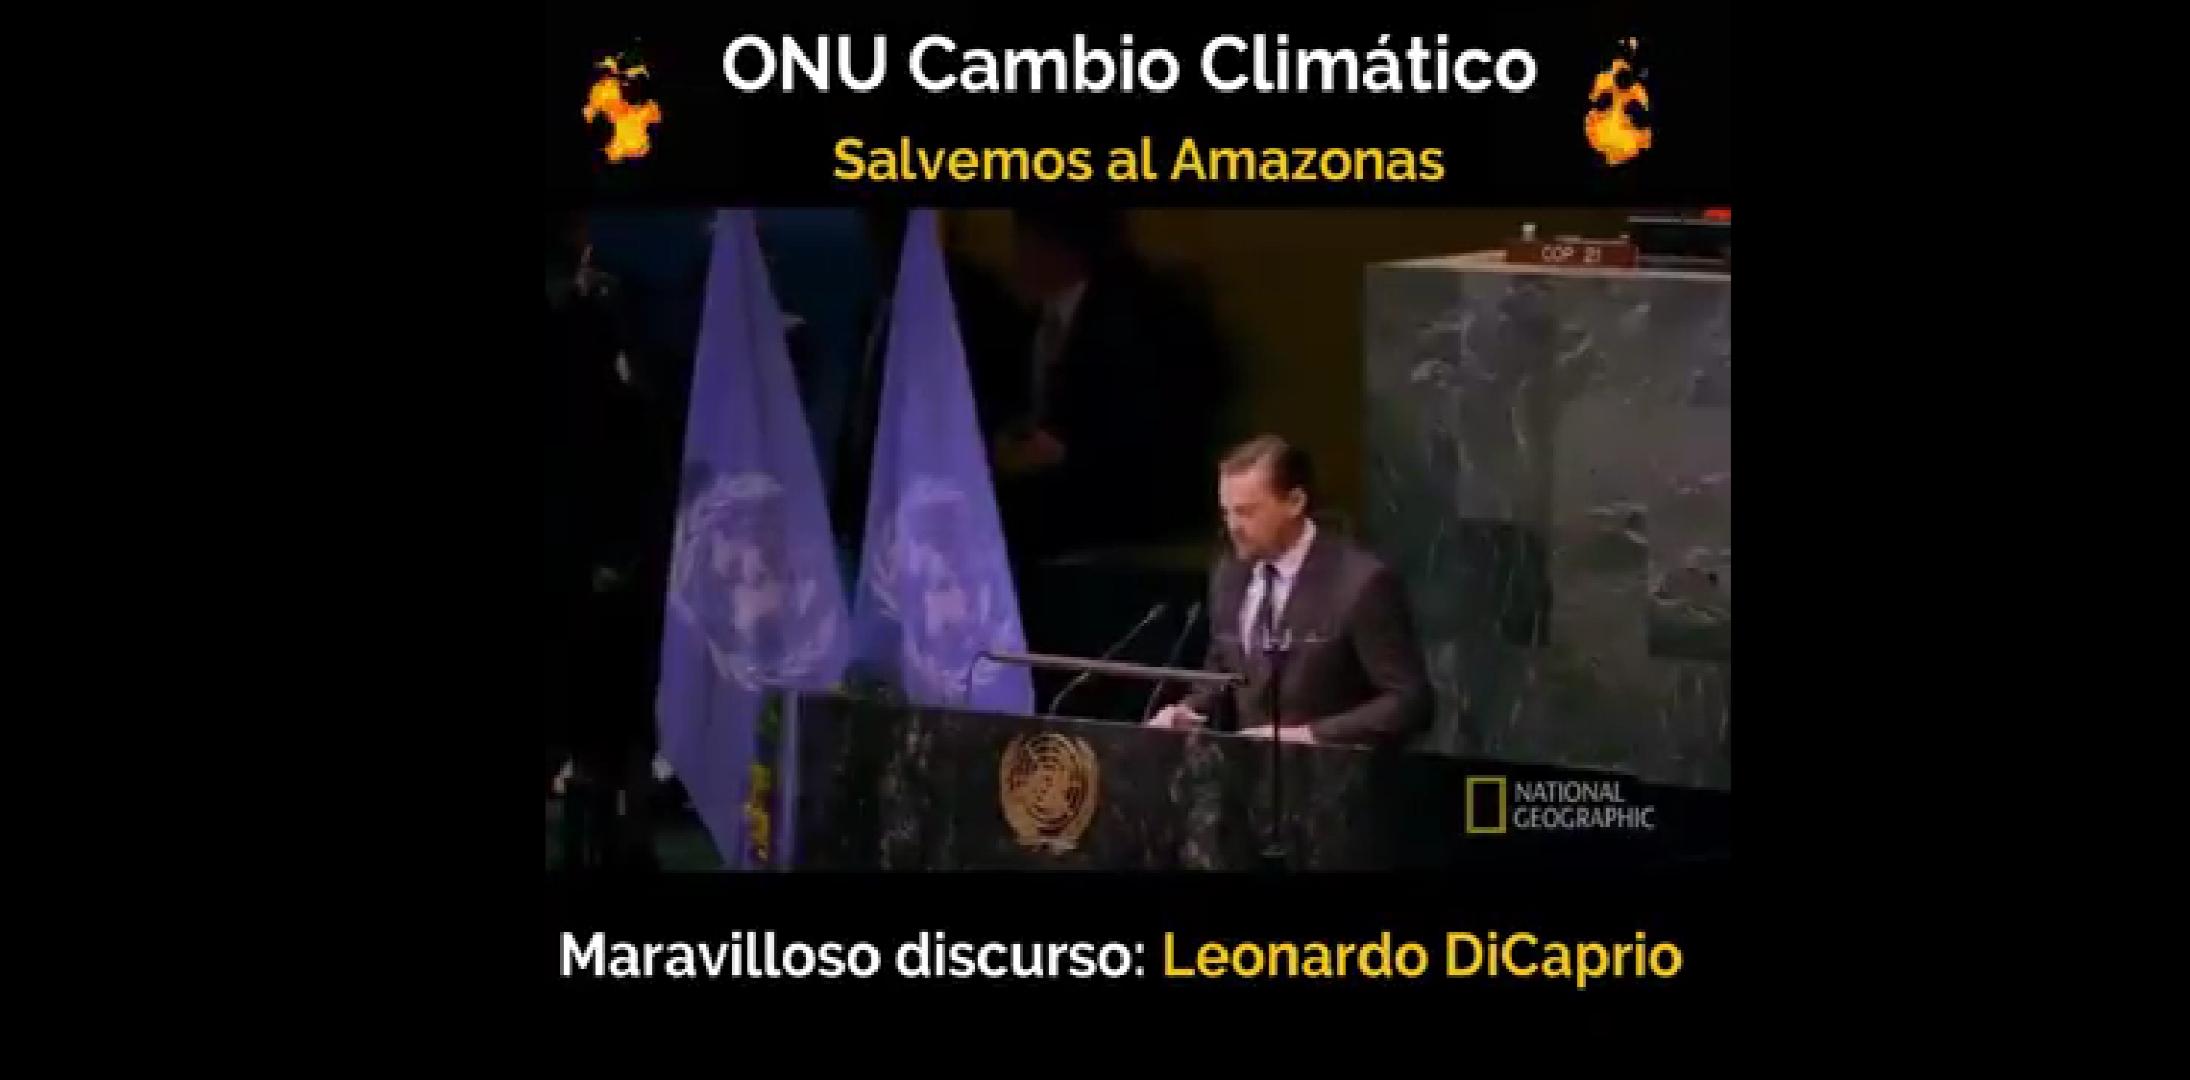 Leonardo Dicaprio y la terrible realidad del cambio climático